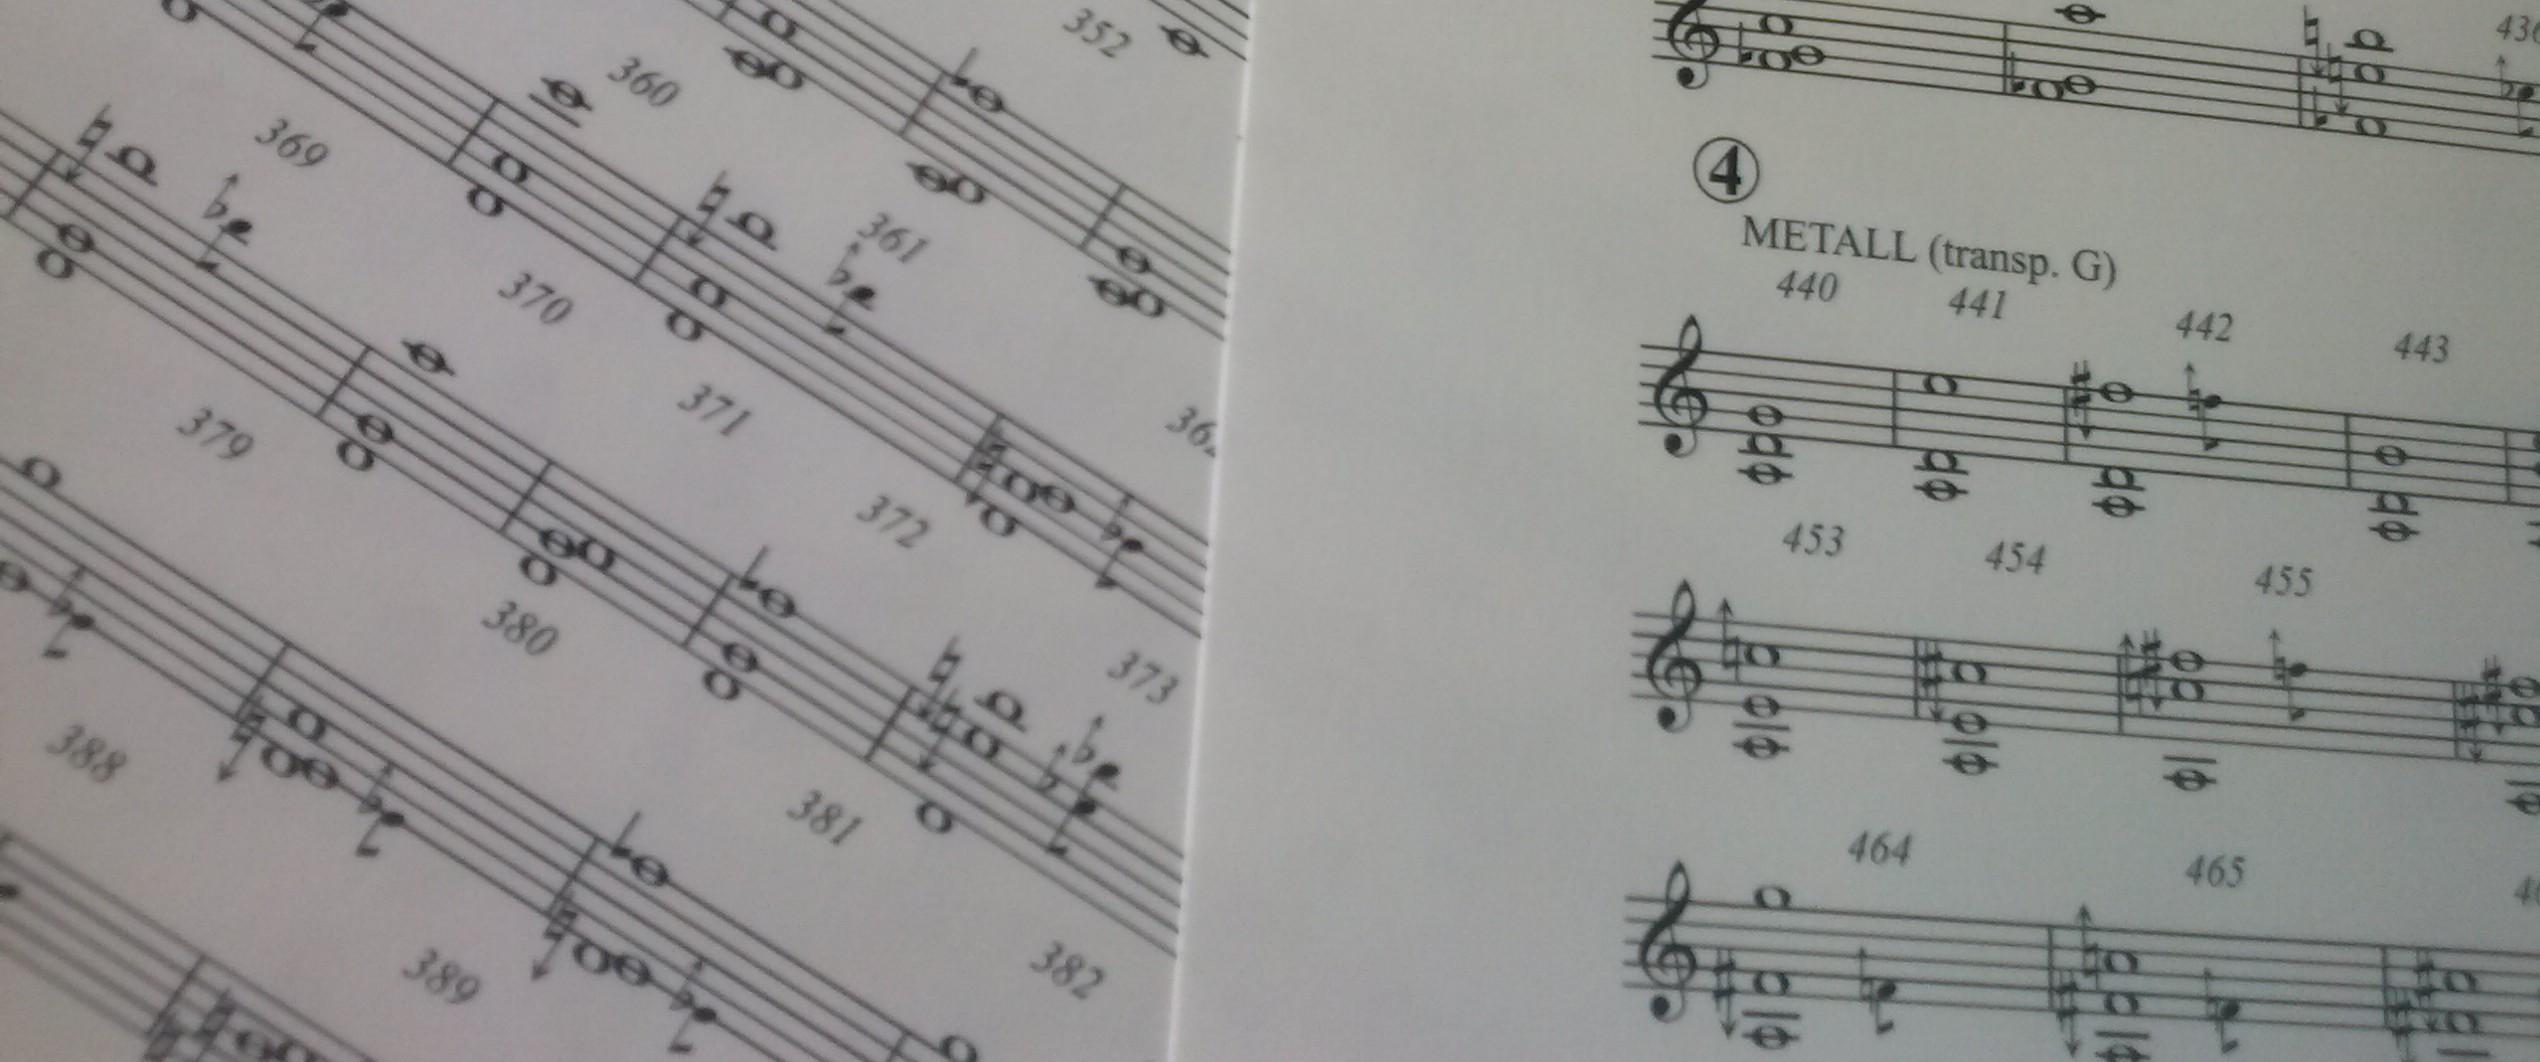 Neues Orchesterwerk fertiggestellt